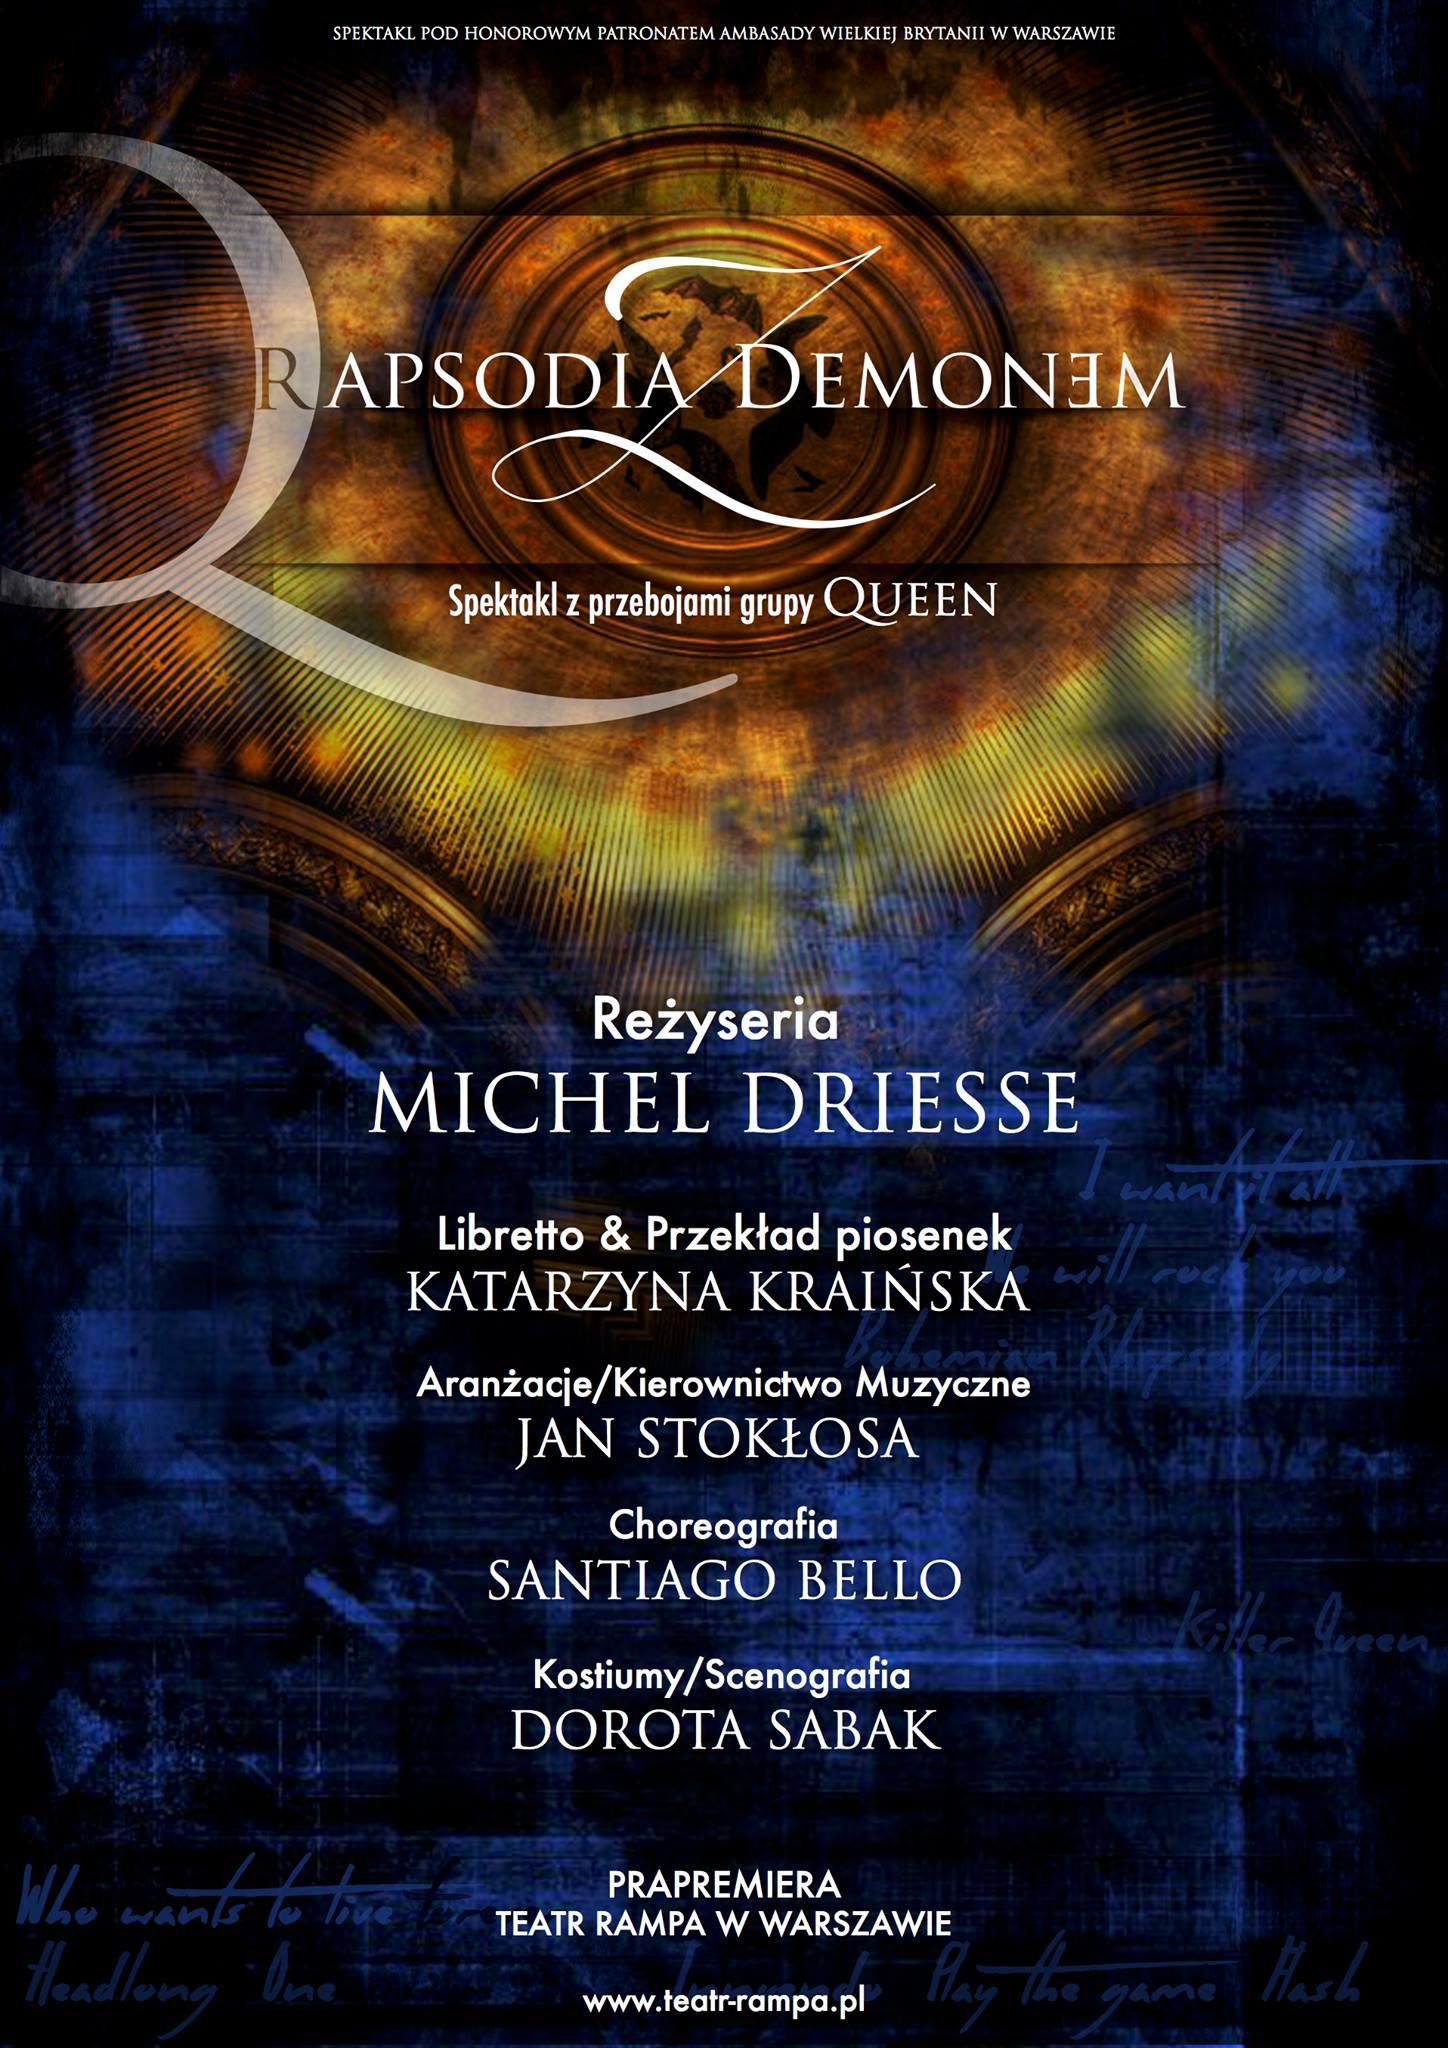 rapsodia-z-demonem-plakat